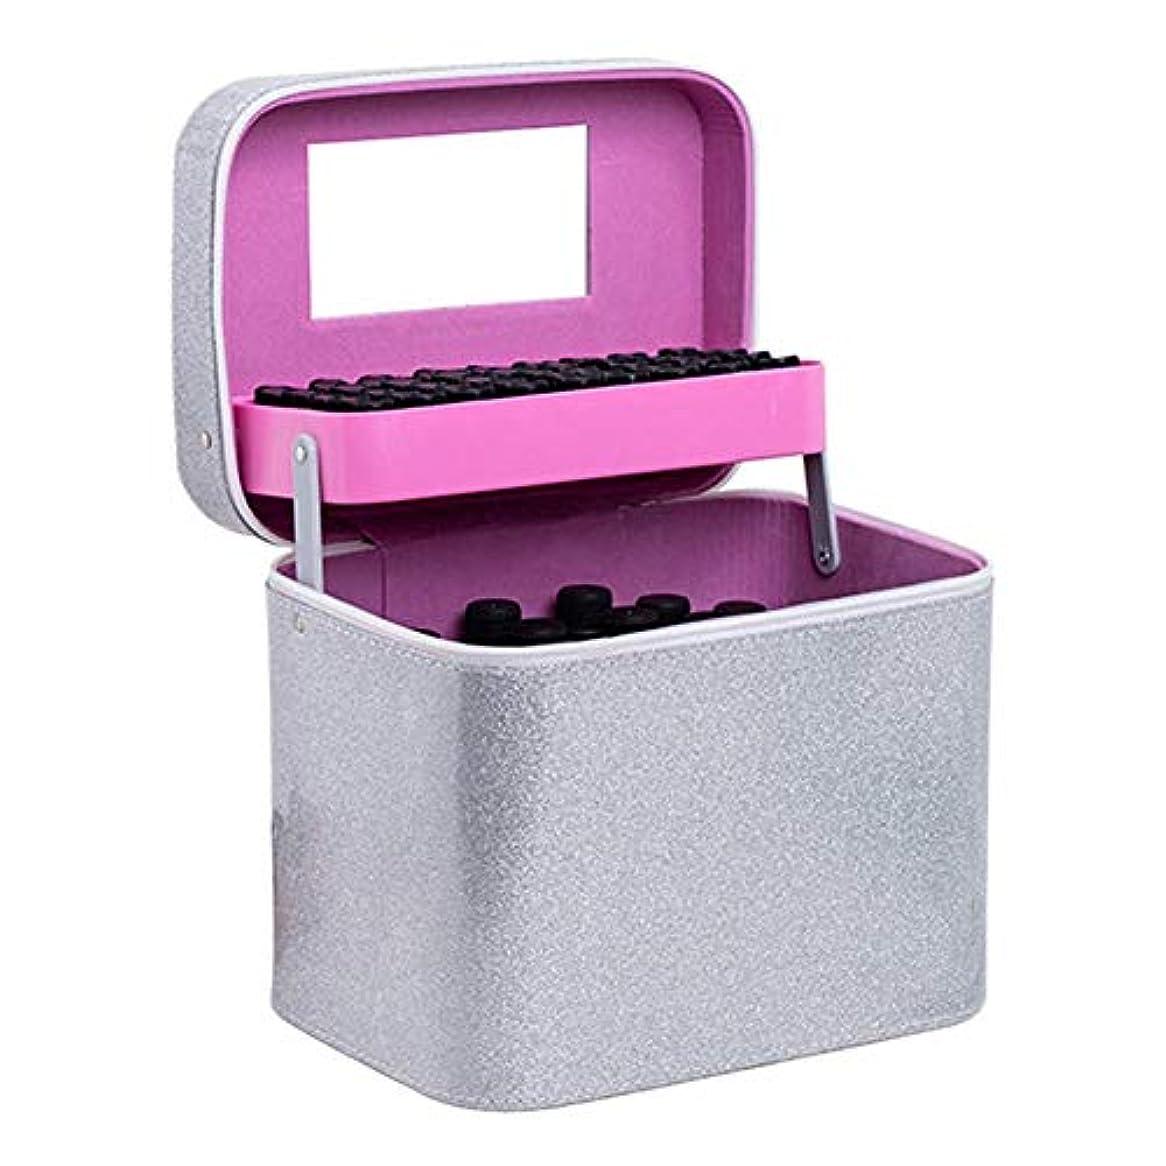 レコーダーテキスト朝ごはんエッセンシャルオイル収納バッグ、二重層、多機能、収納ボックス、ミラー付き、ポータブル、ポータブル